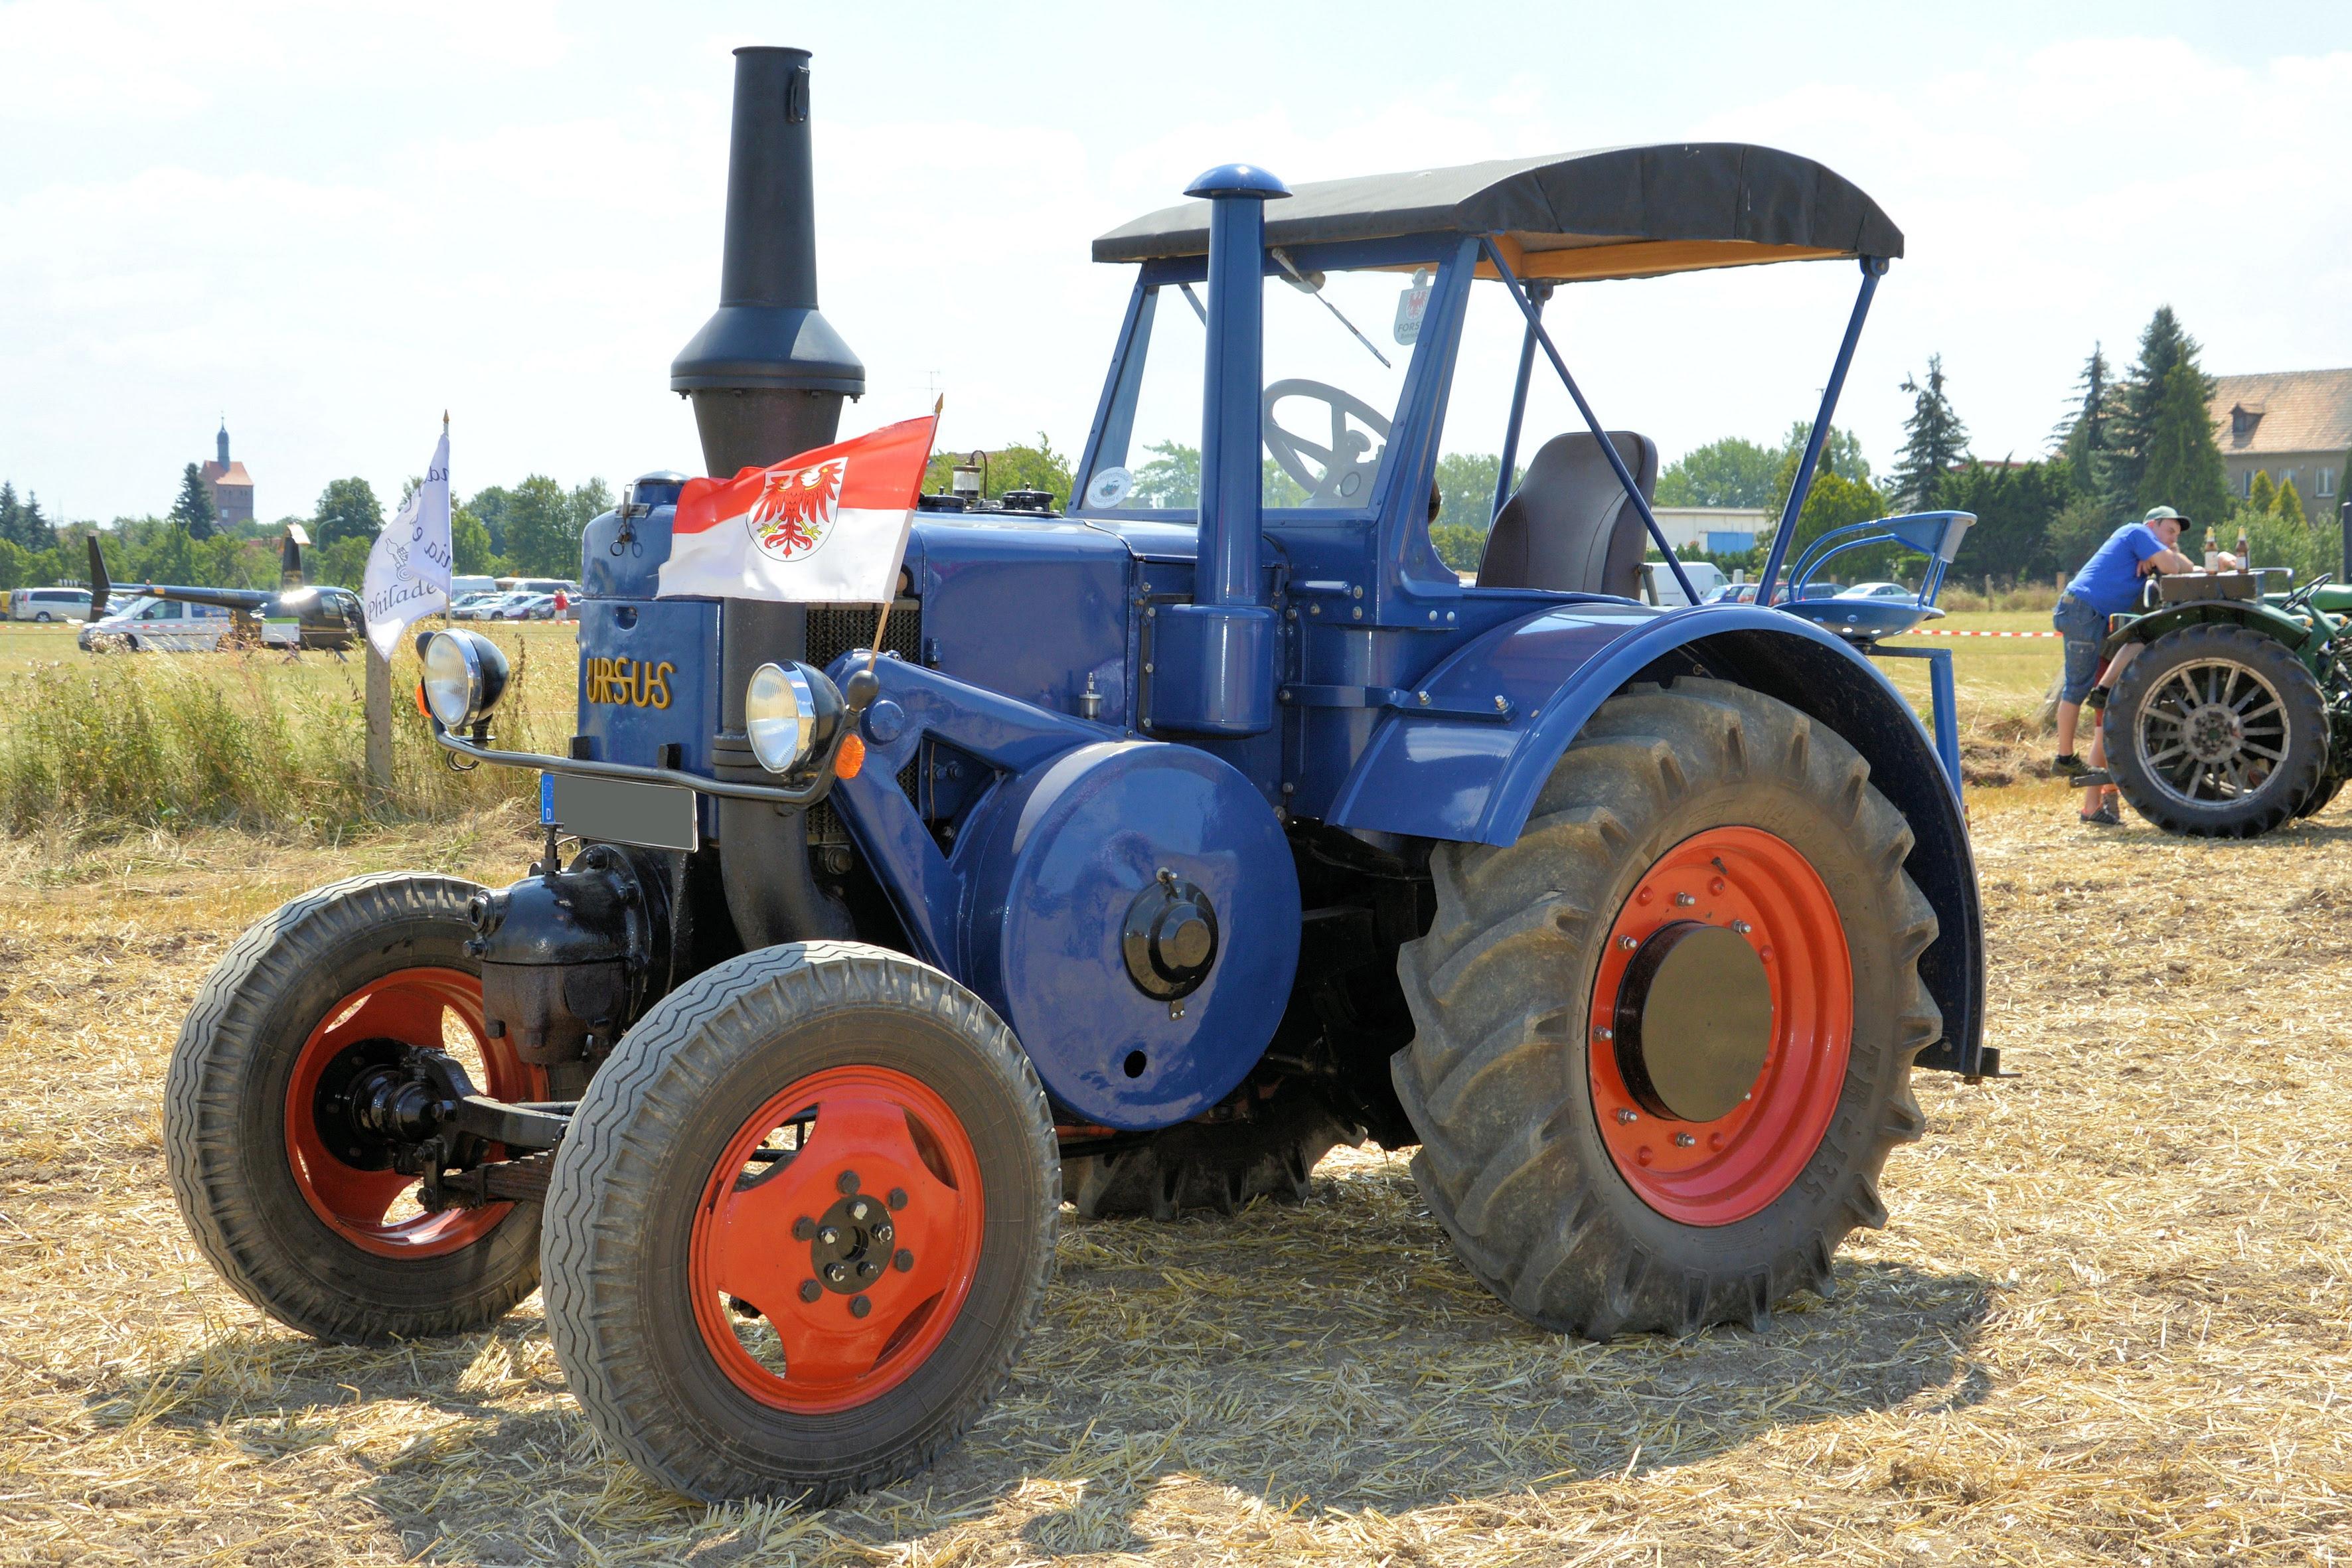 Traktor Spiele Online